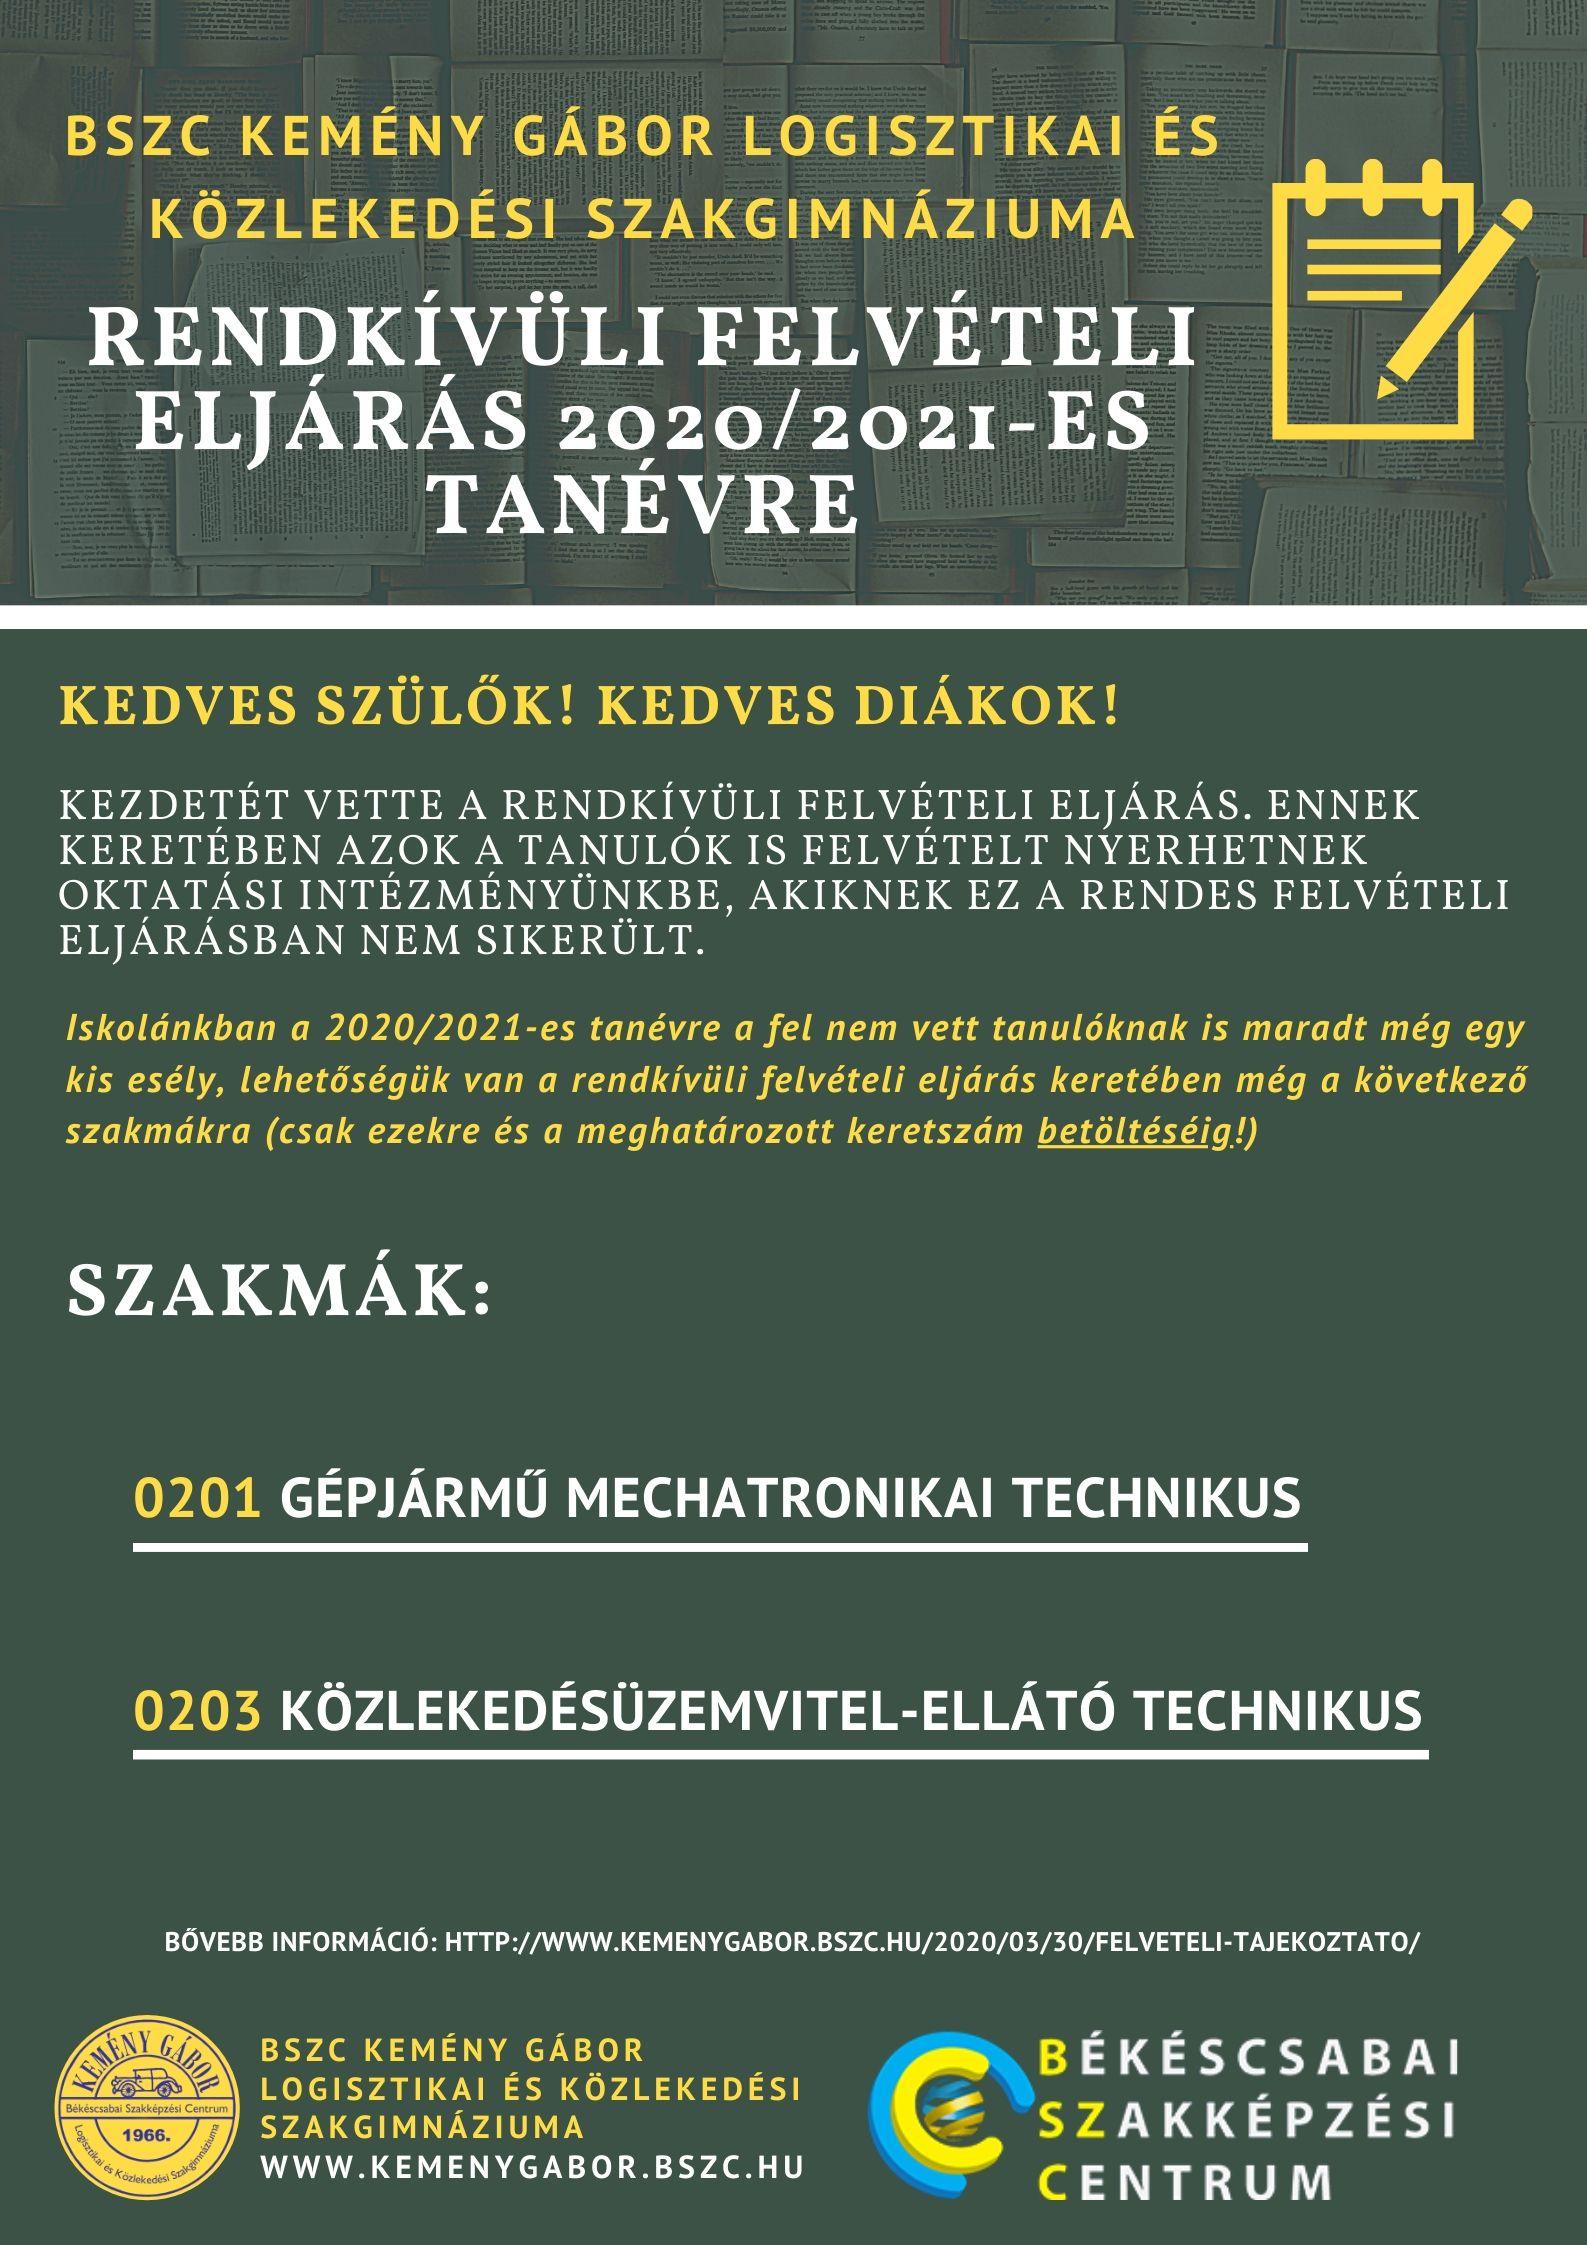 Plakát [rednkívüli felvételi eljárás 2020/2021-es tanévre]